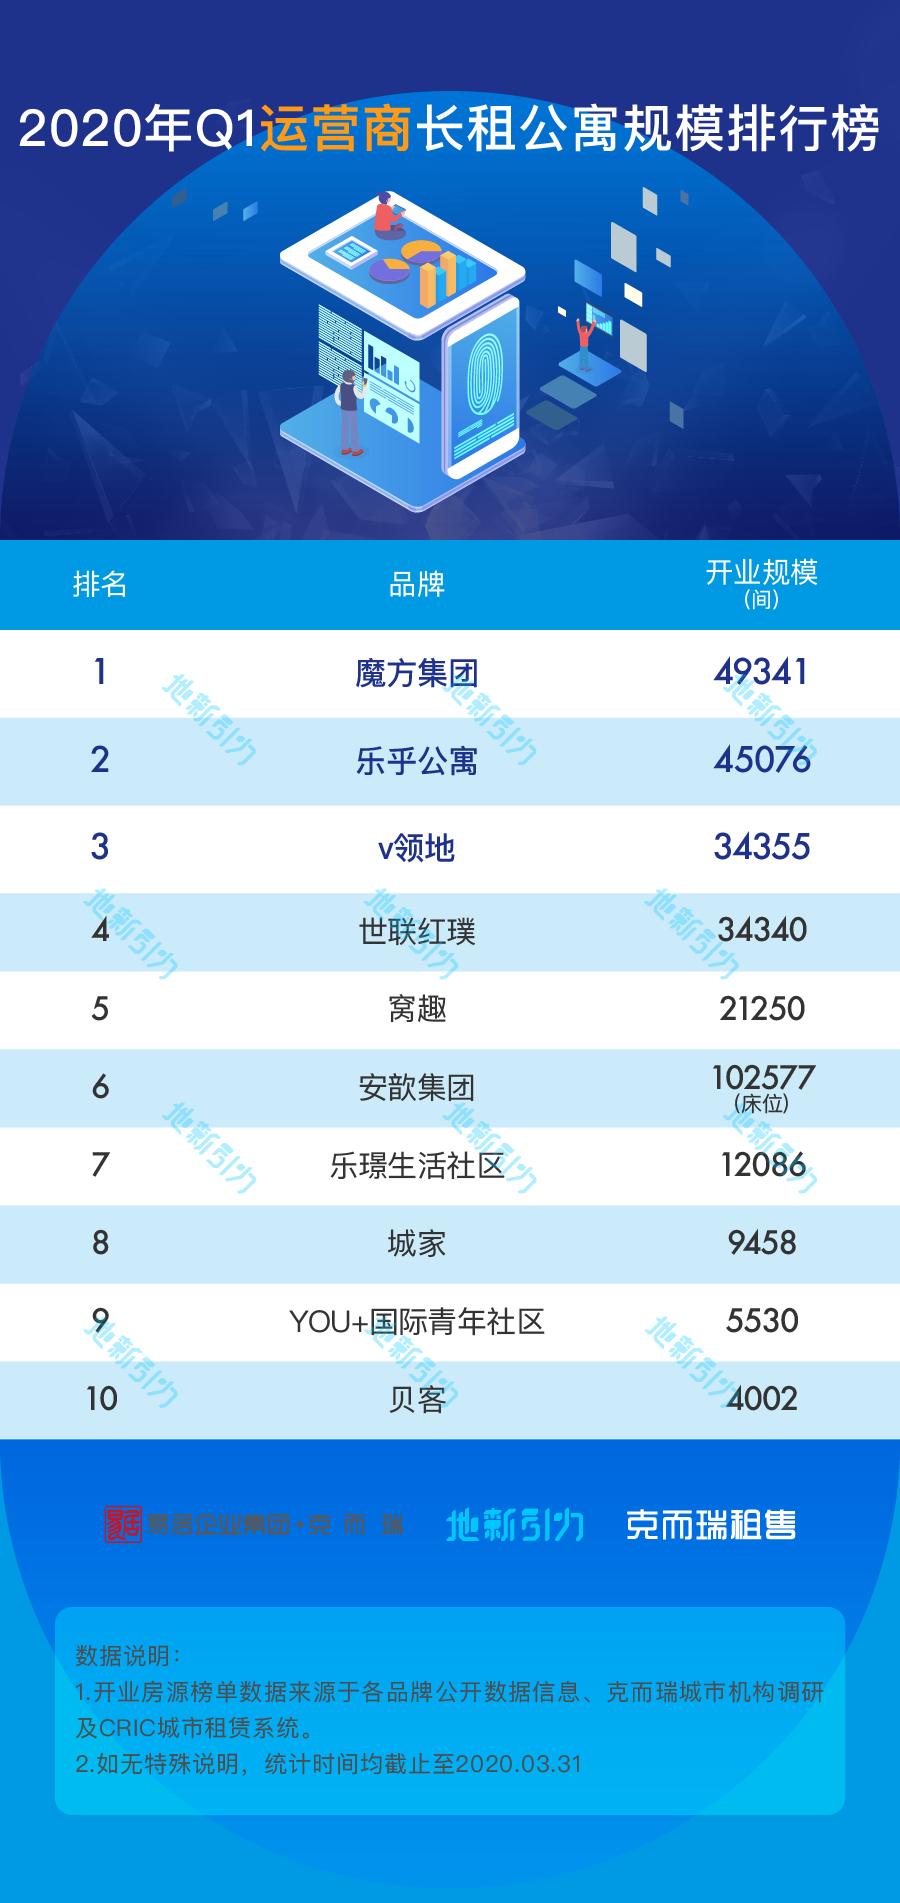 克而瑞:一季度房企长租公寓开业规模增速仅4%-中国网地产